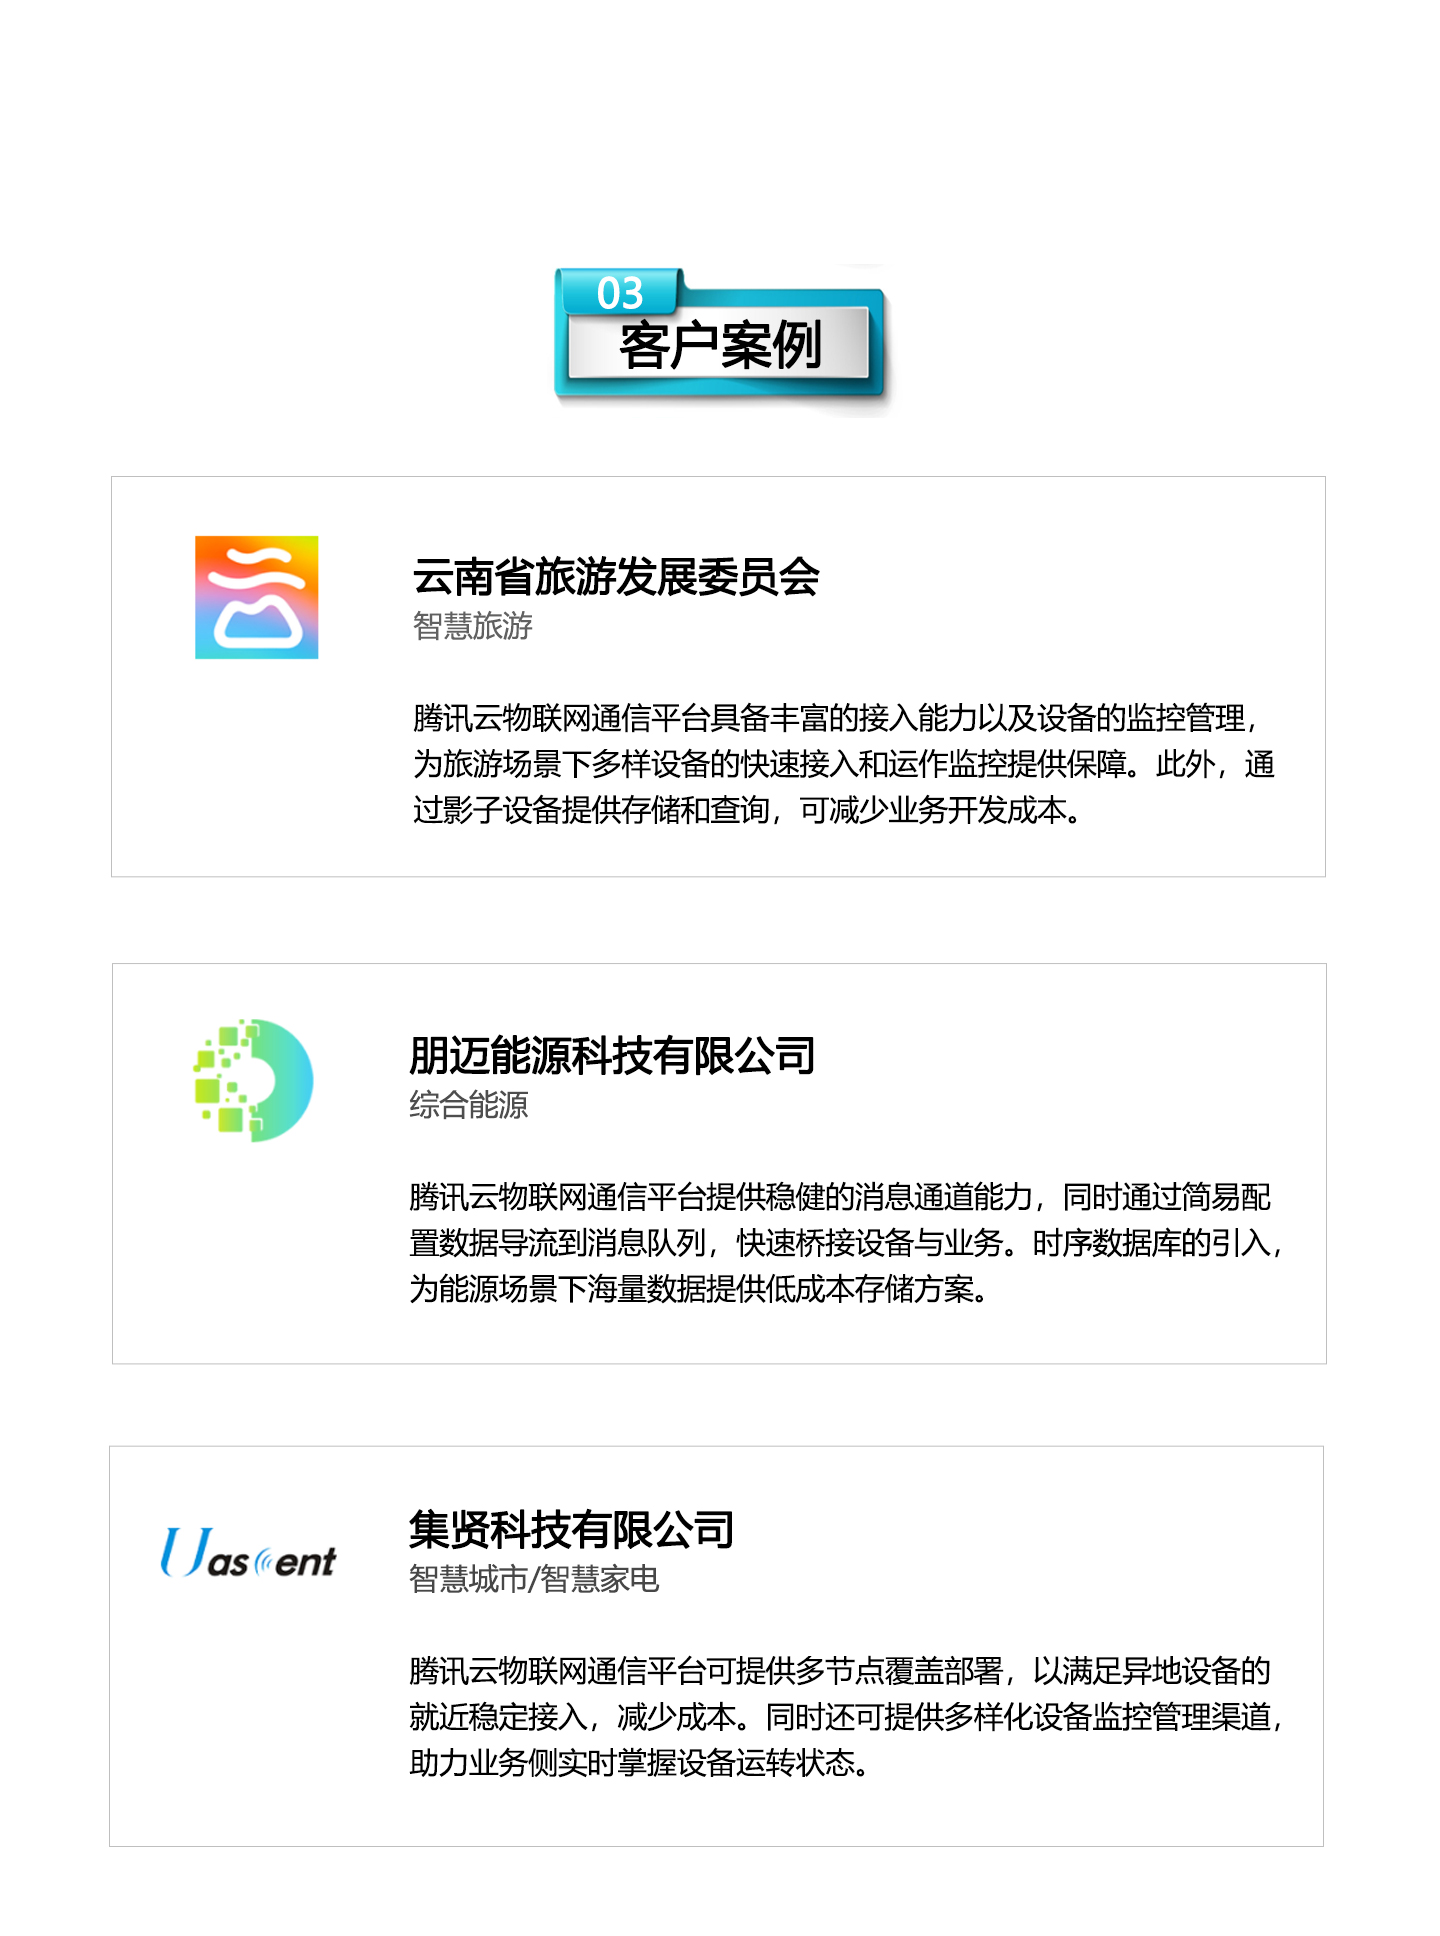 物联网通信-IoT-Hub-1440_06.jpg